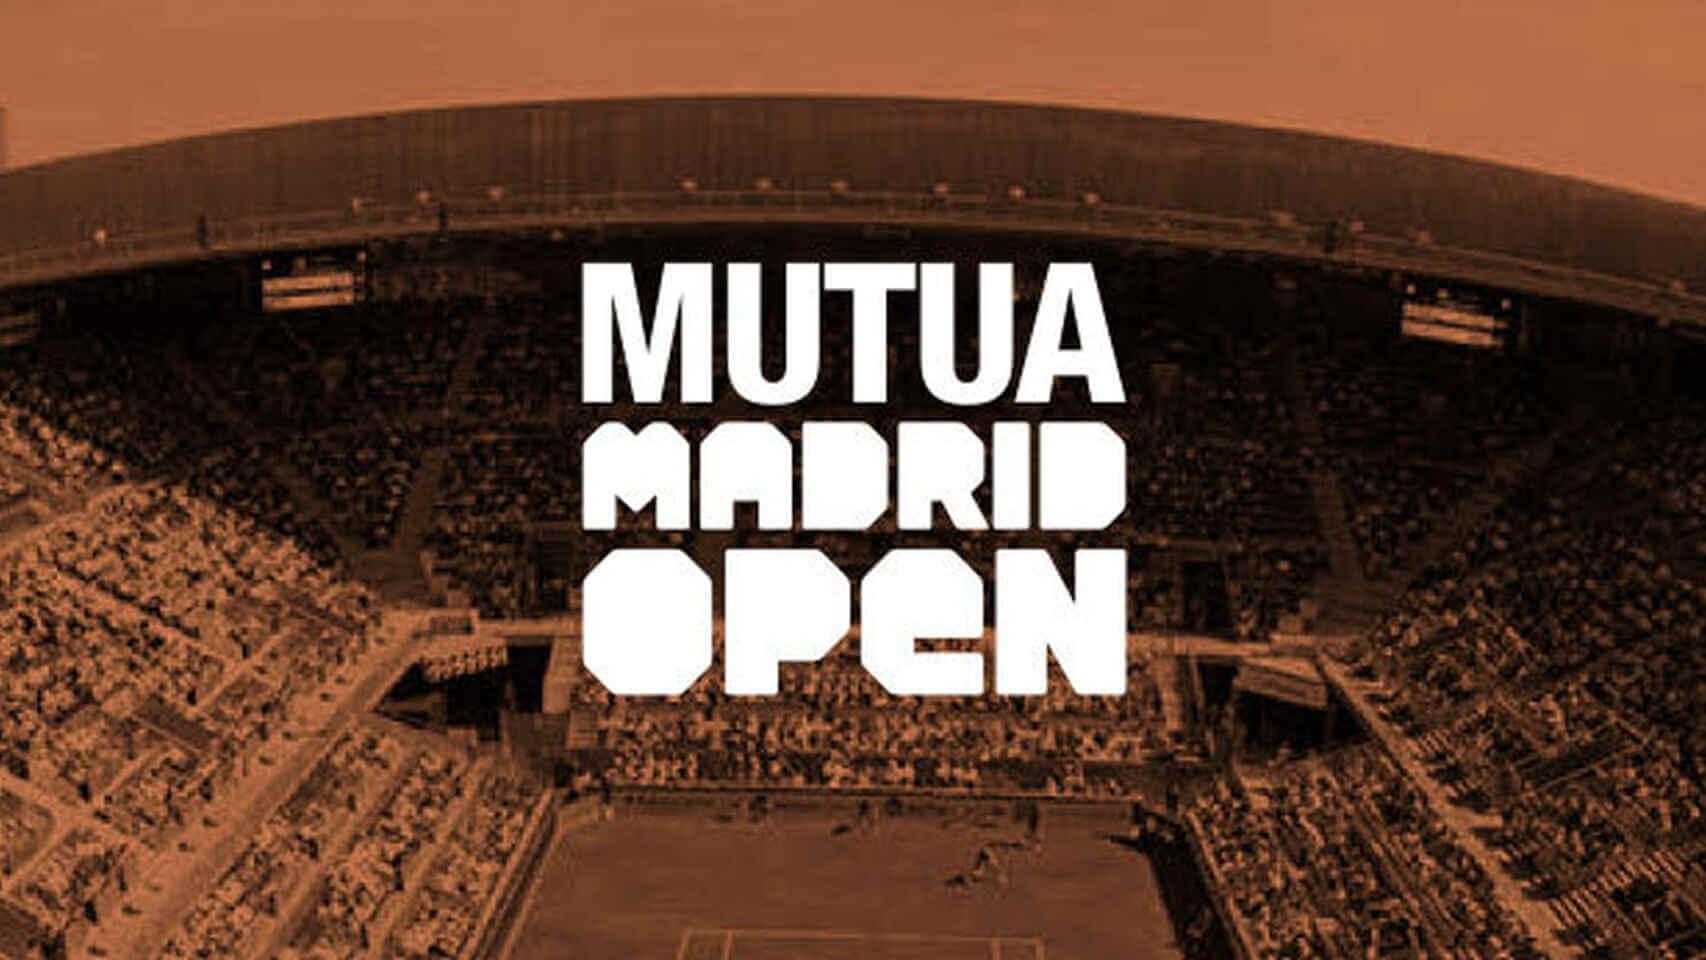 Wta Madrid 2021